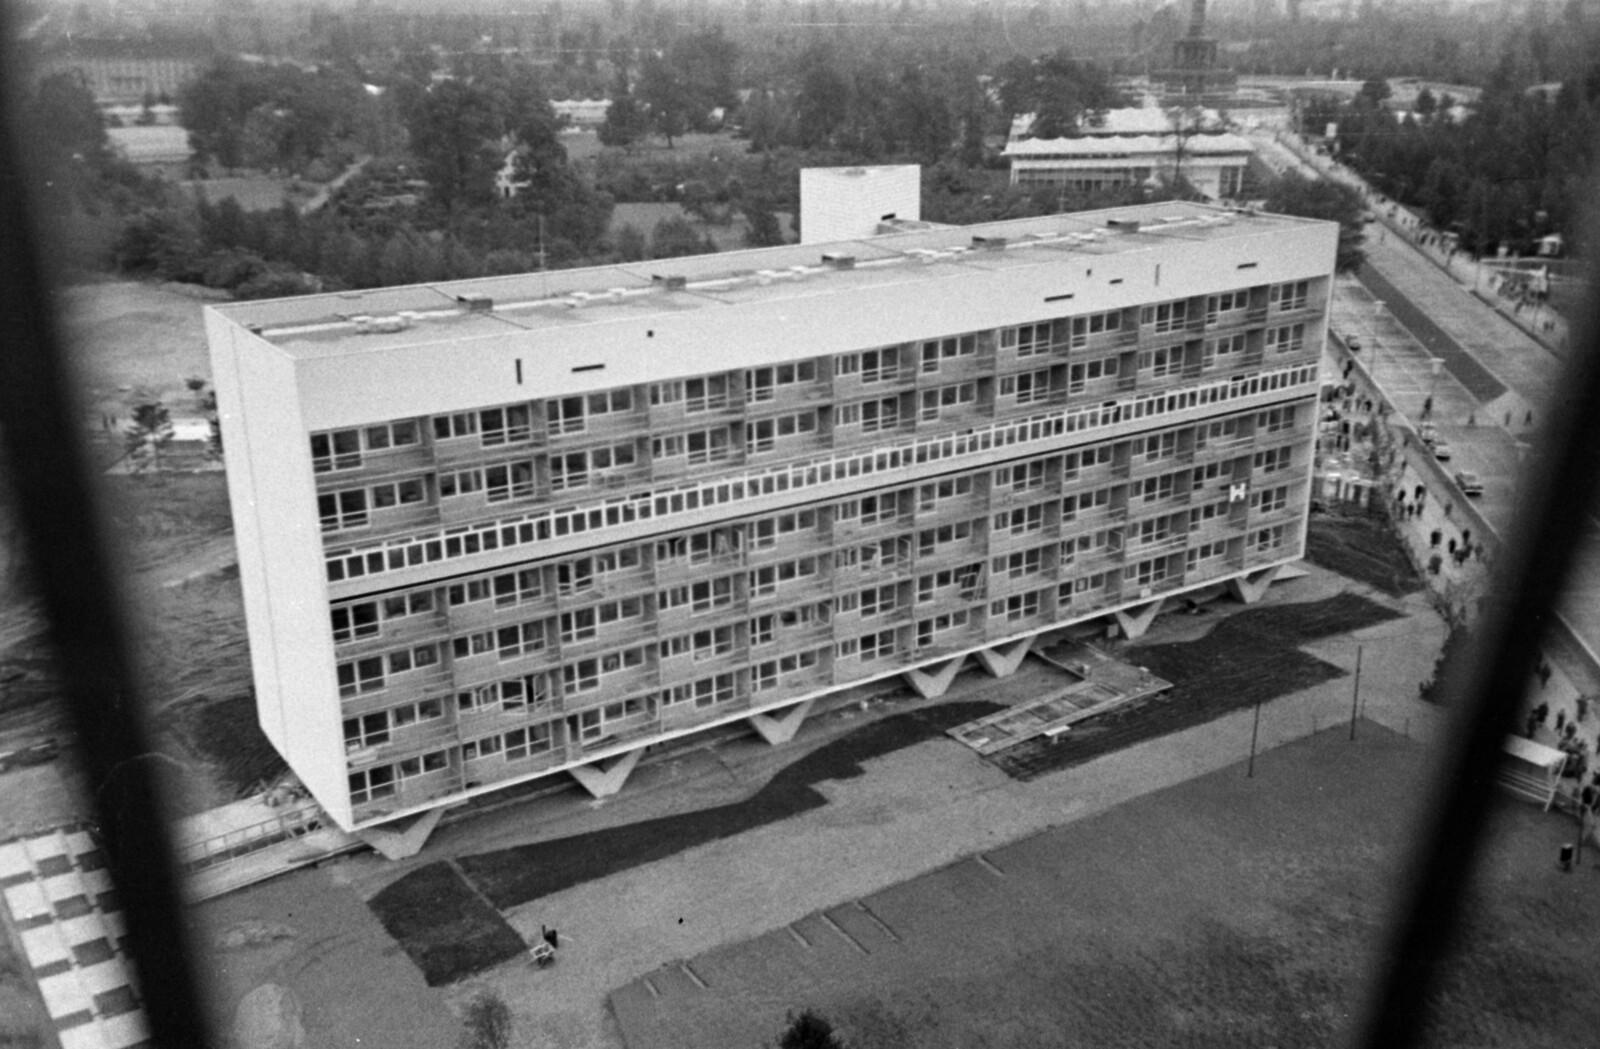 05. 1957. Западный Берлин. Альтонарштрассе, Оскар-Нимейер-Хаус.